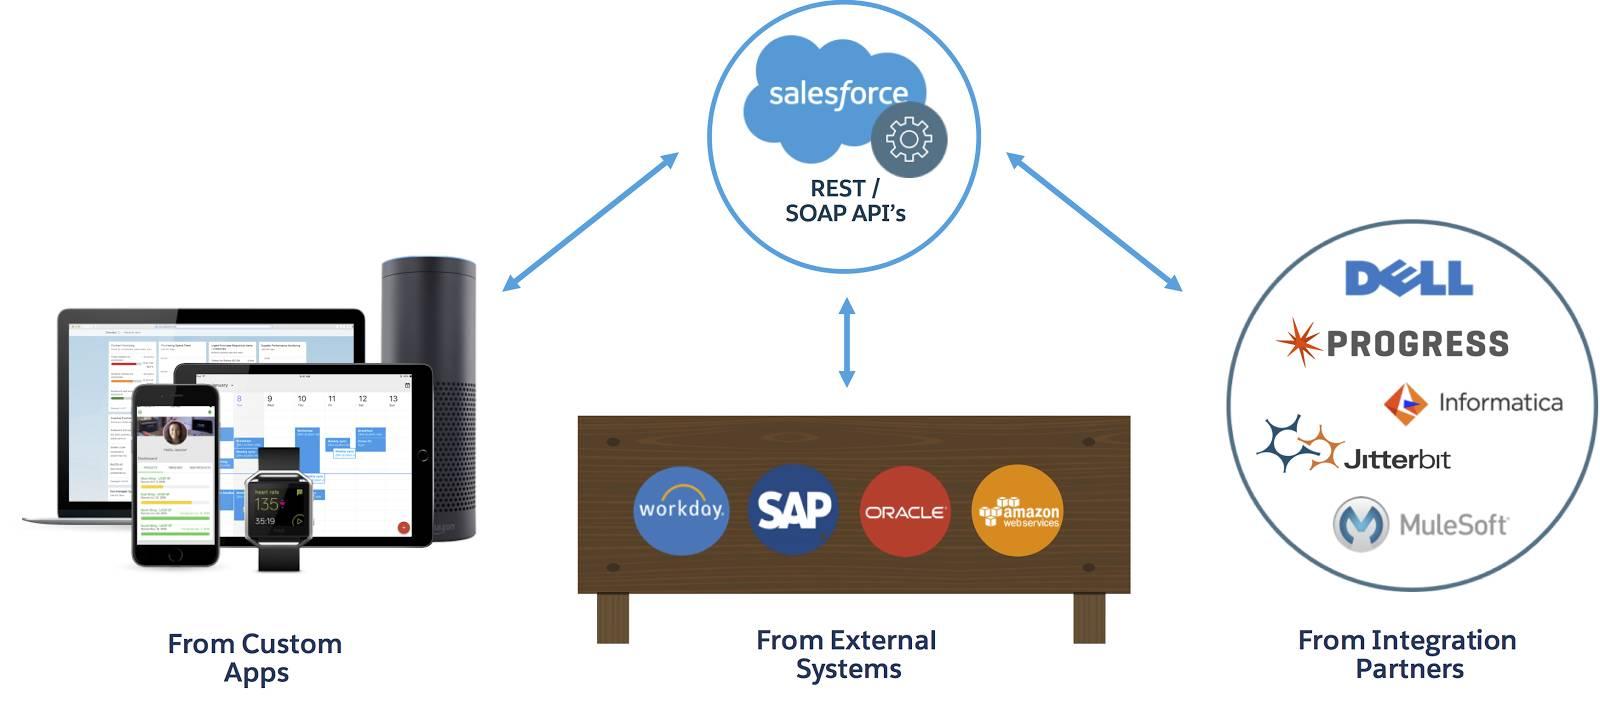 Infografik, die REST- und SOAP-APIs von Salesforce zeigt, die mit externen Systemen (wie Workday, SAP und Oracle), Integrationspartnern (wie MuleSoft und Jitterbit) und benutzerdefinierten Anwendungen verbunden sind.